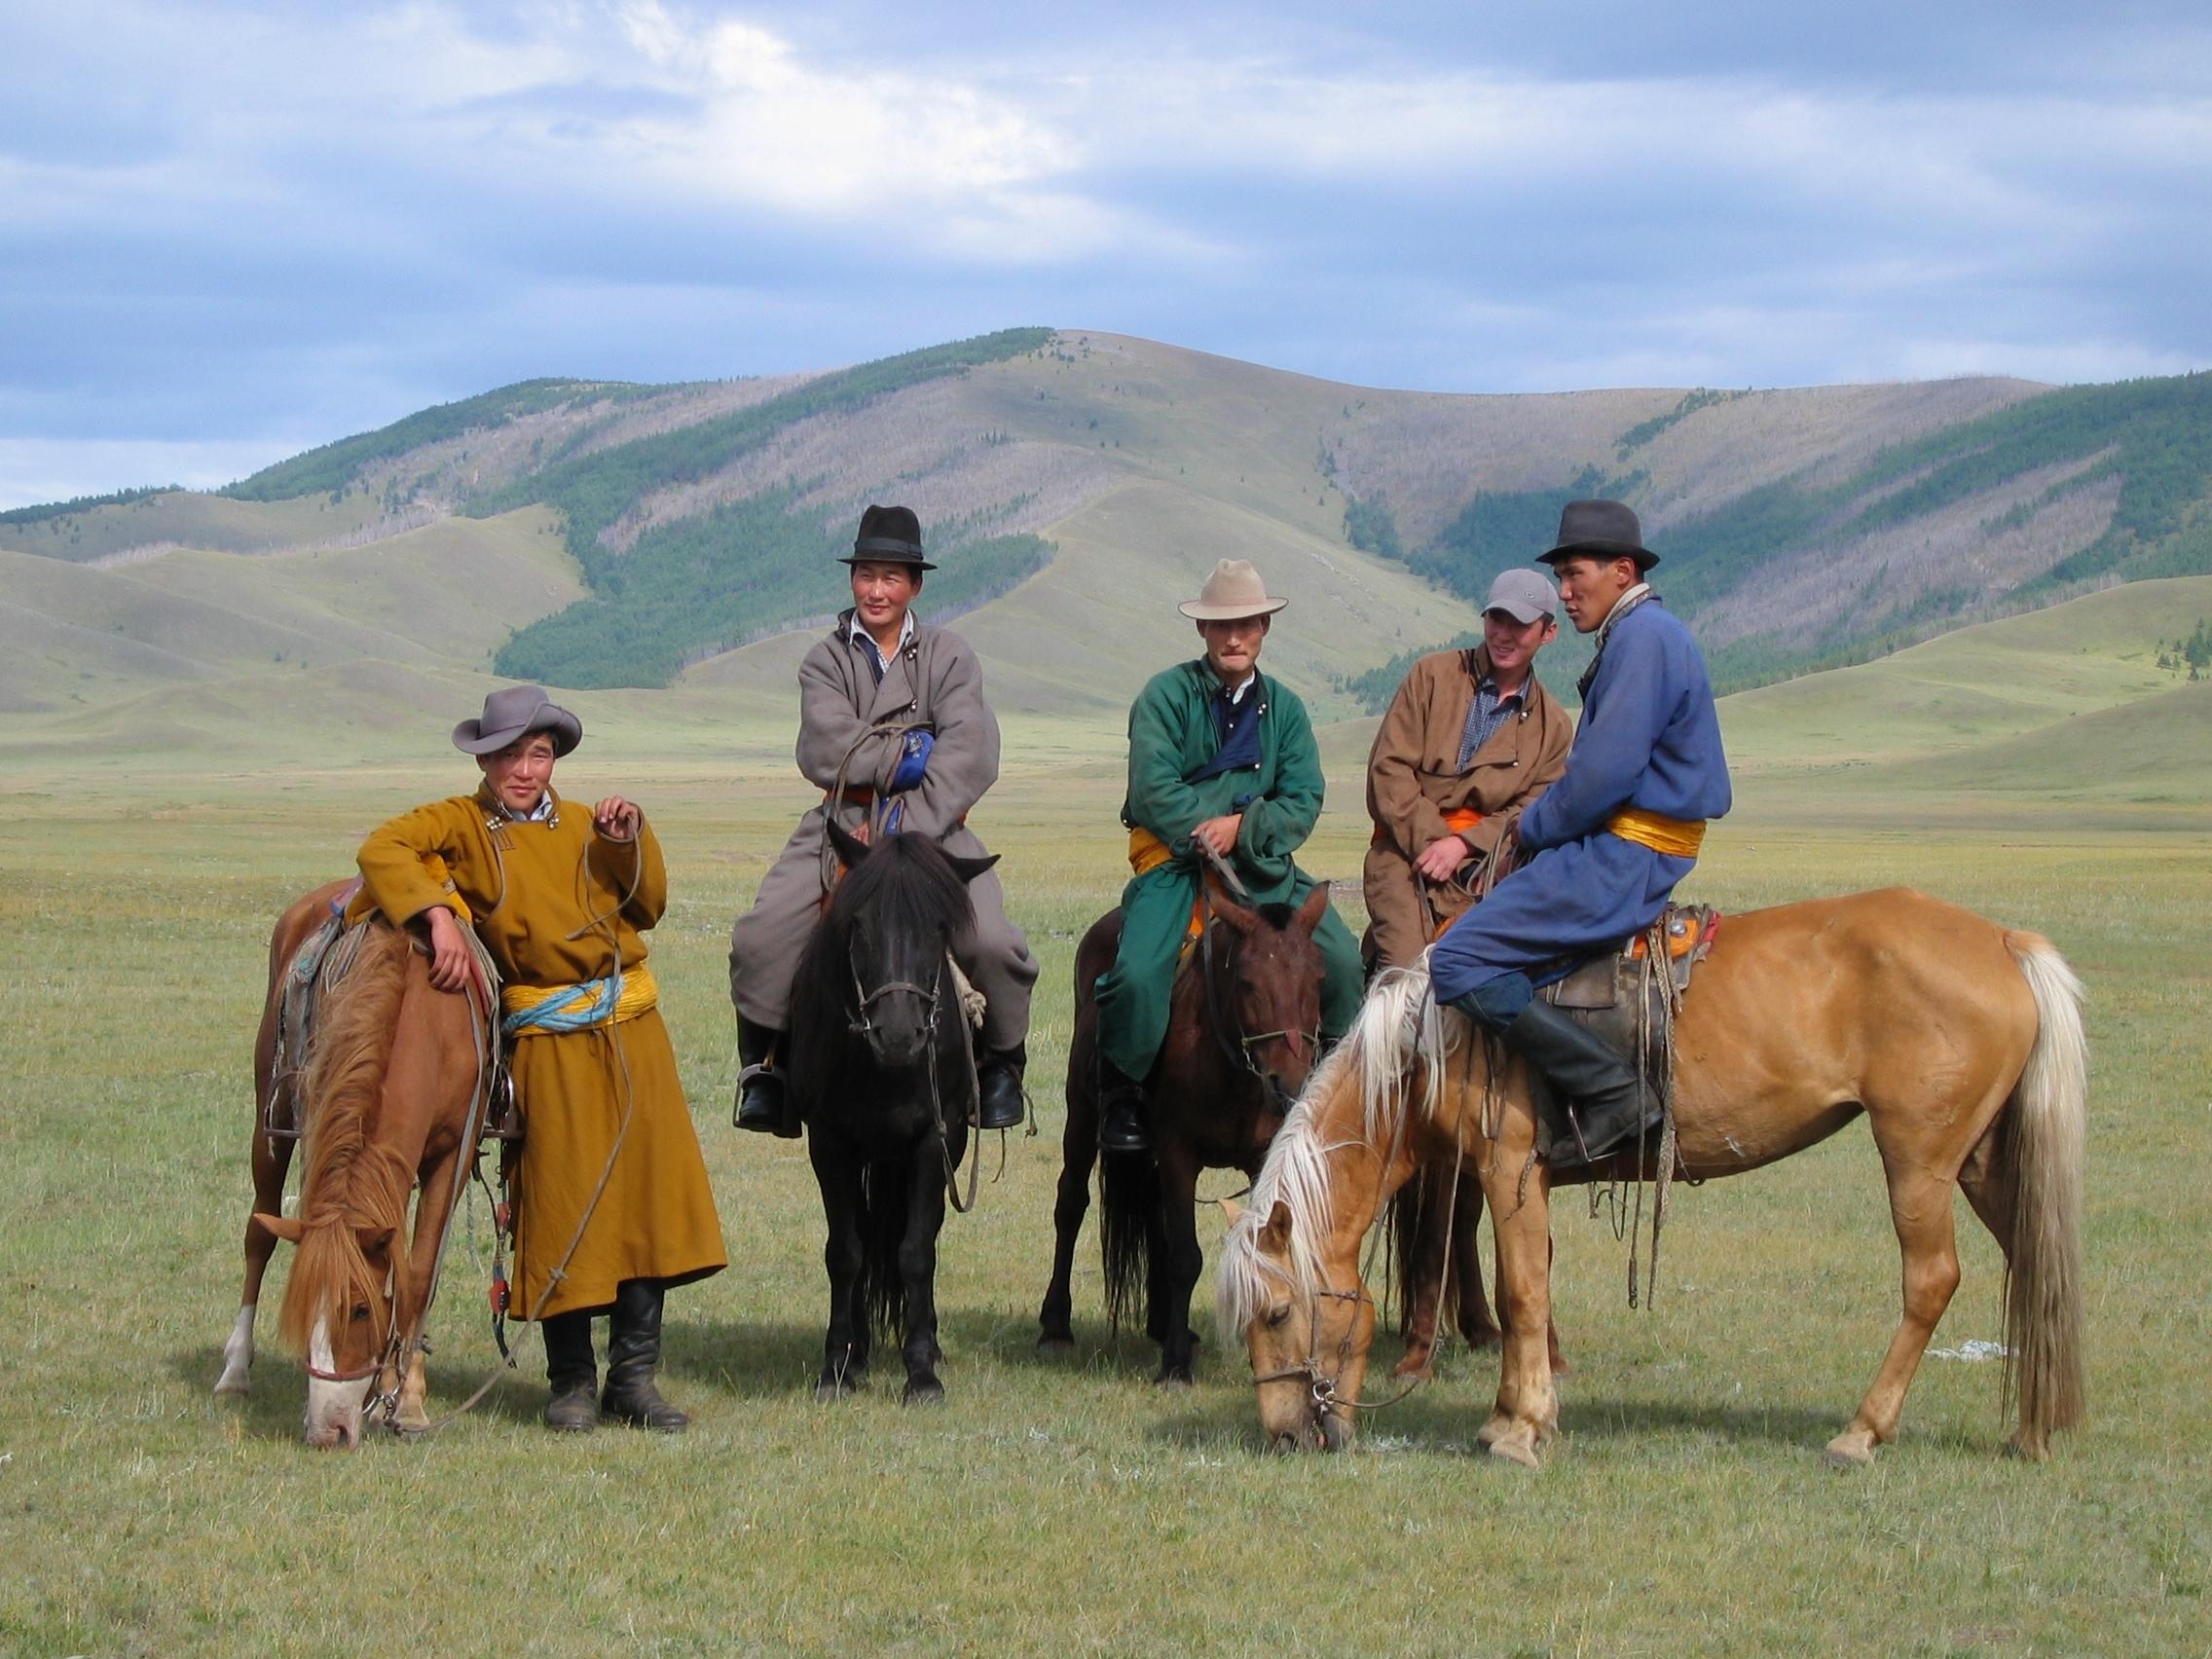 Cultuur en natuur troef in Mongolië - Vakantie te paard / Reisbureau Perlan